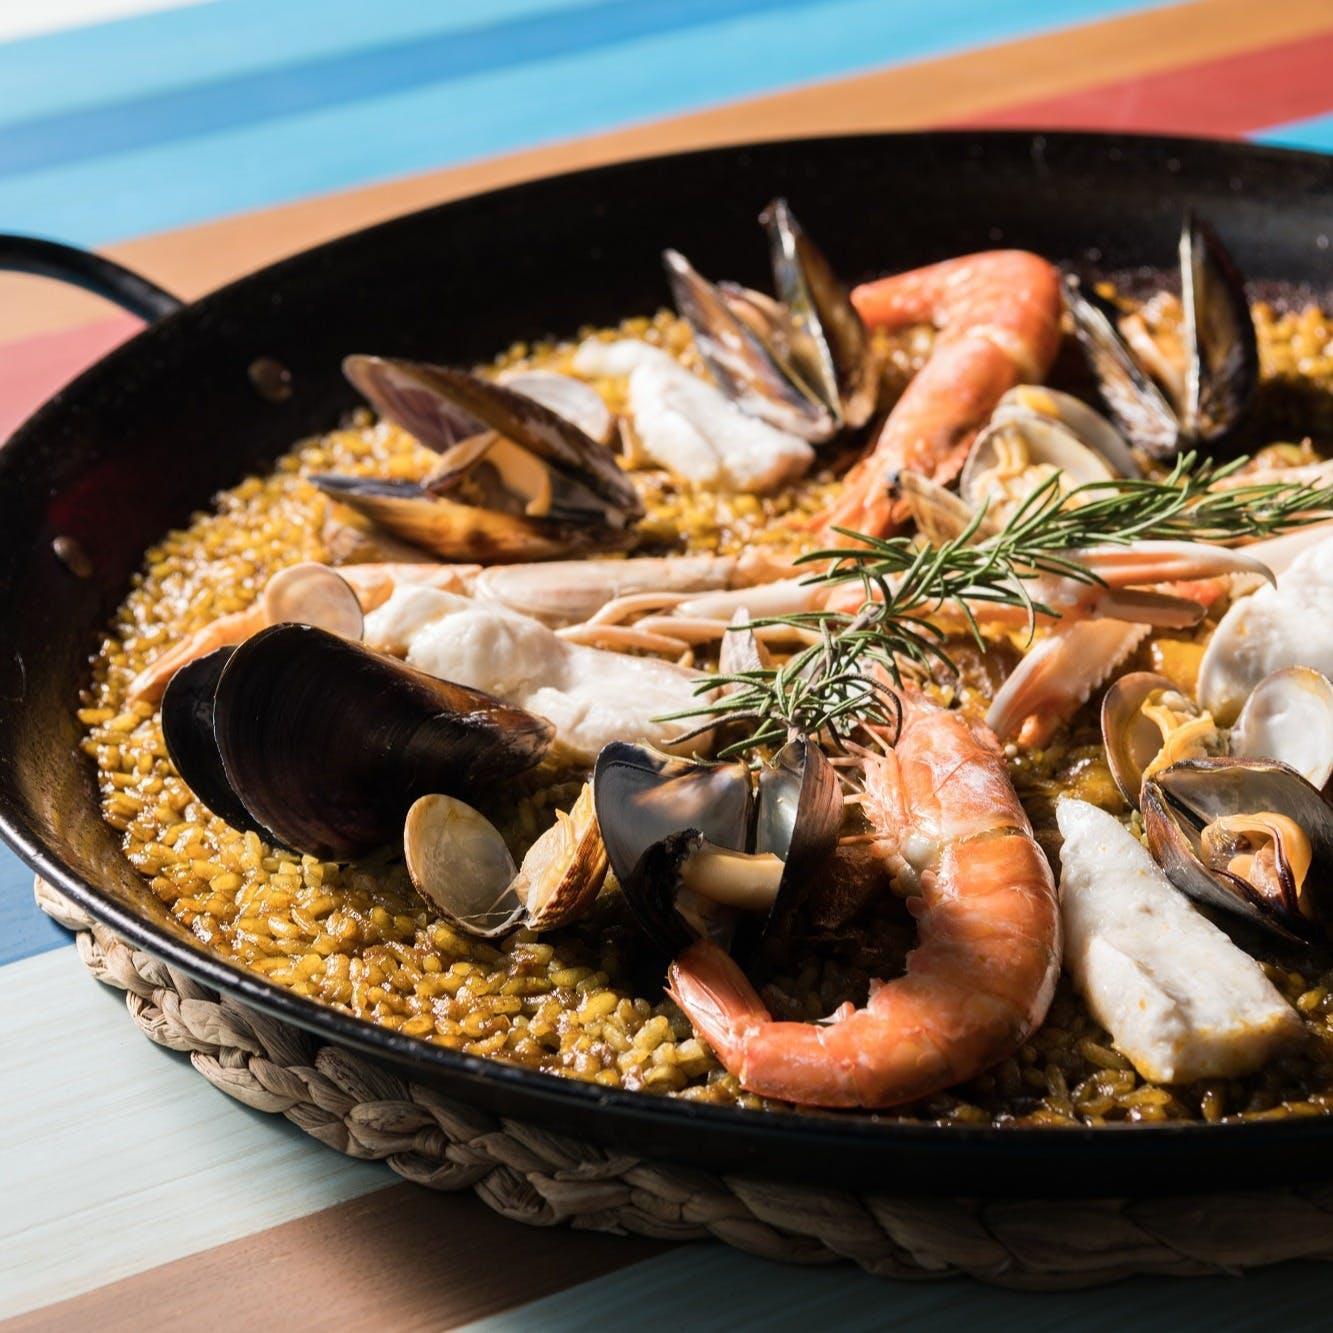 バルセロナで一番美味しいパエリアを提供するシーフードレストラン